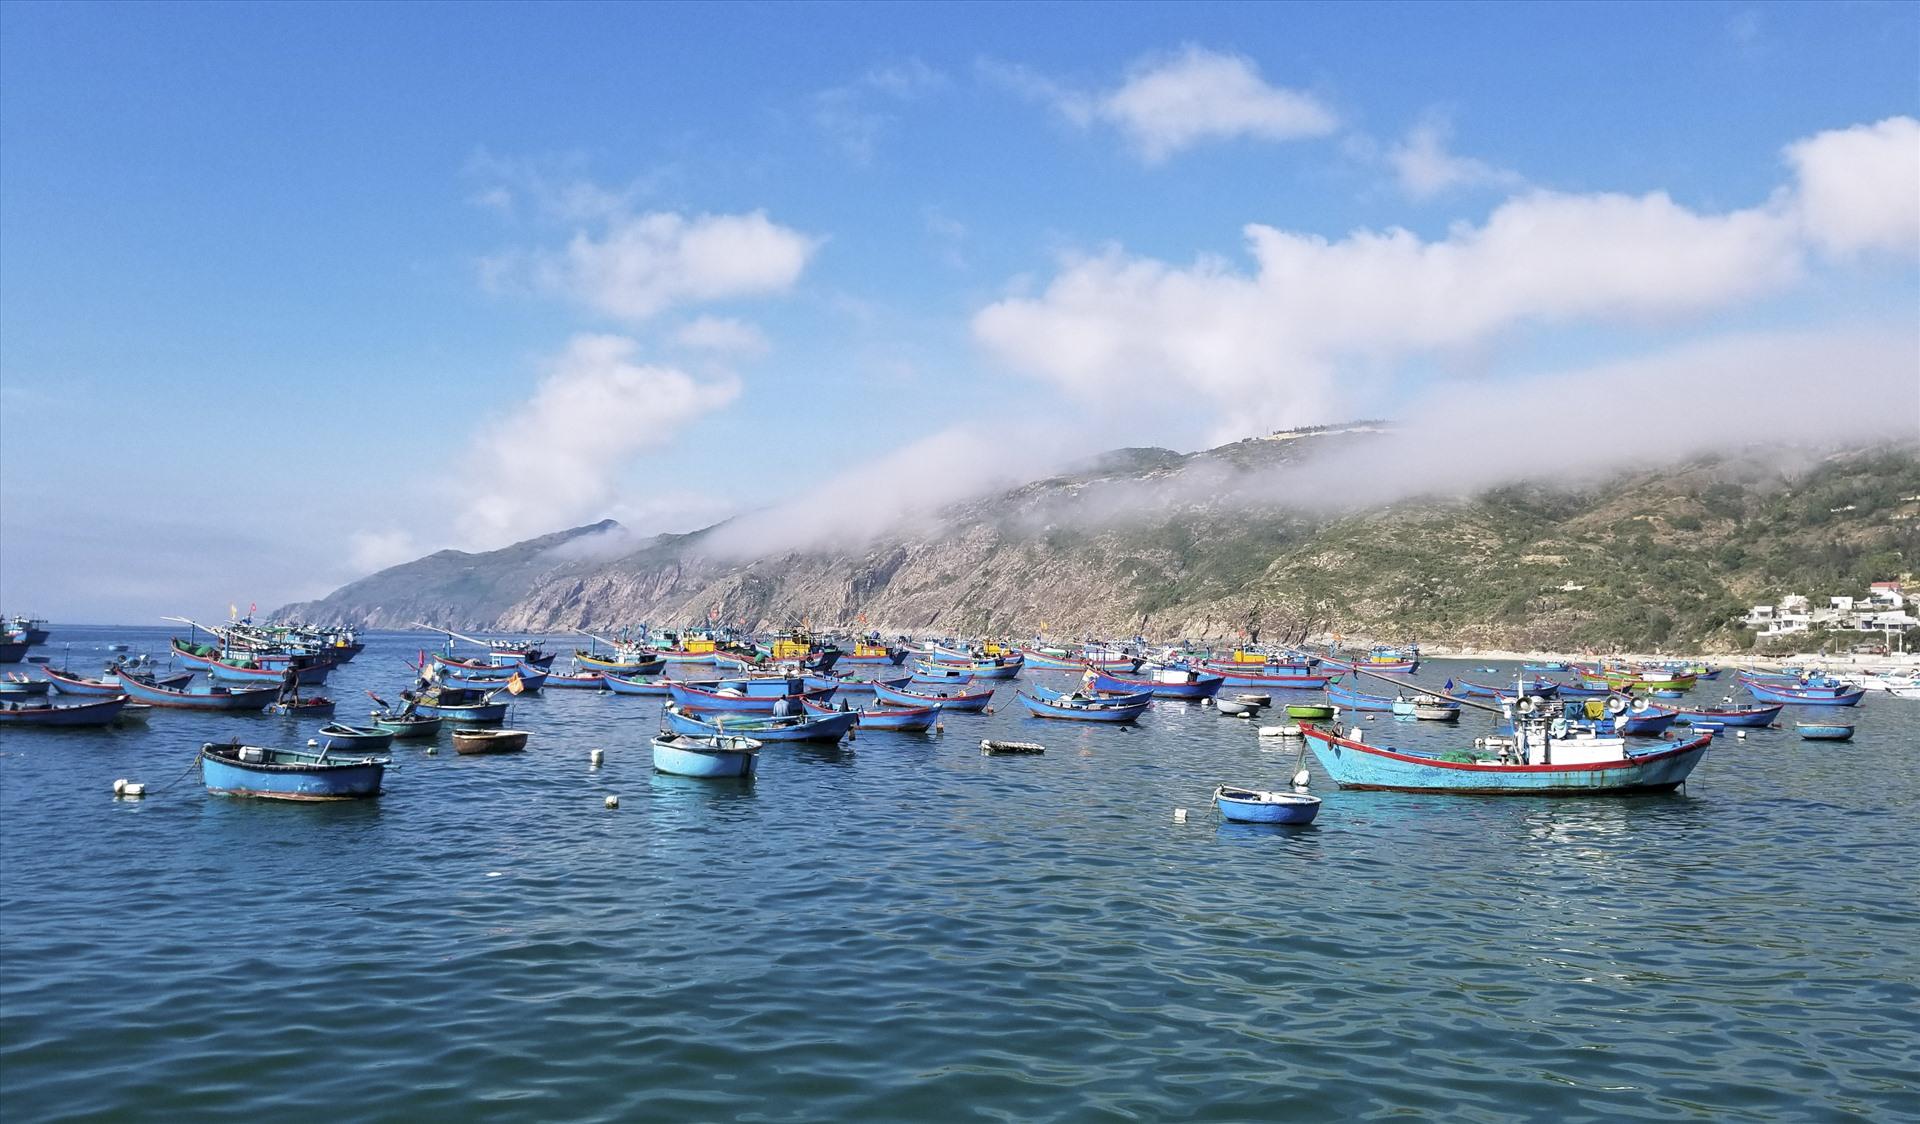 Các công ty du lịch sẽ tạo ra nhiều sản phẩm mới mang bản sắc đặc trưng của vùng đất Bình Định.